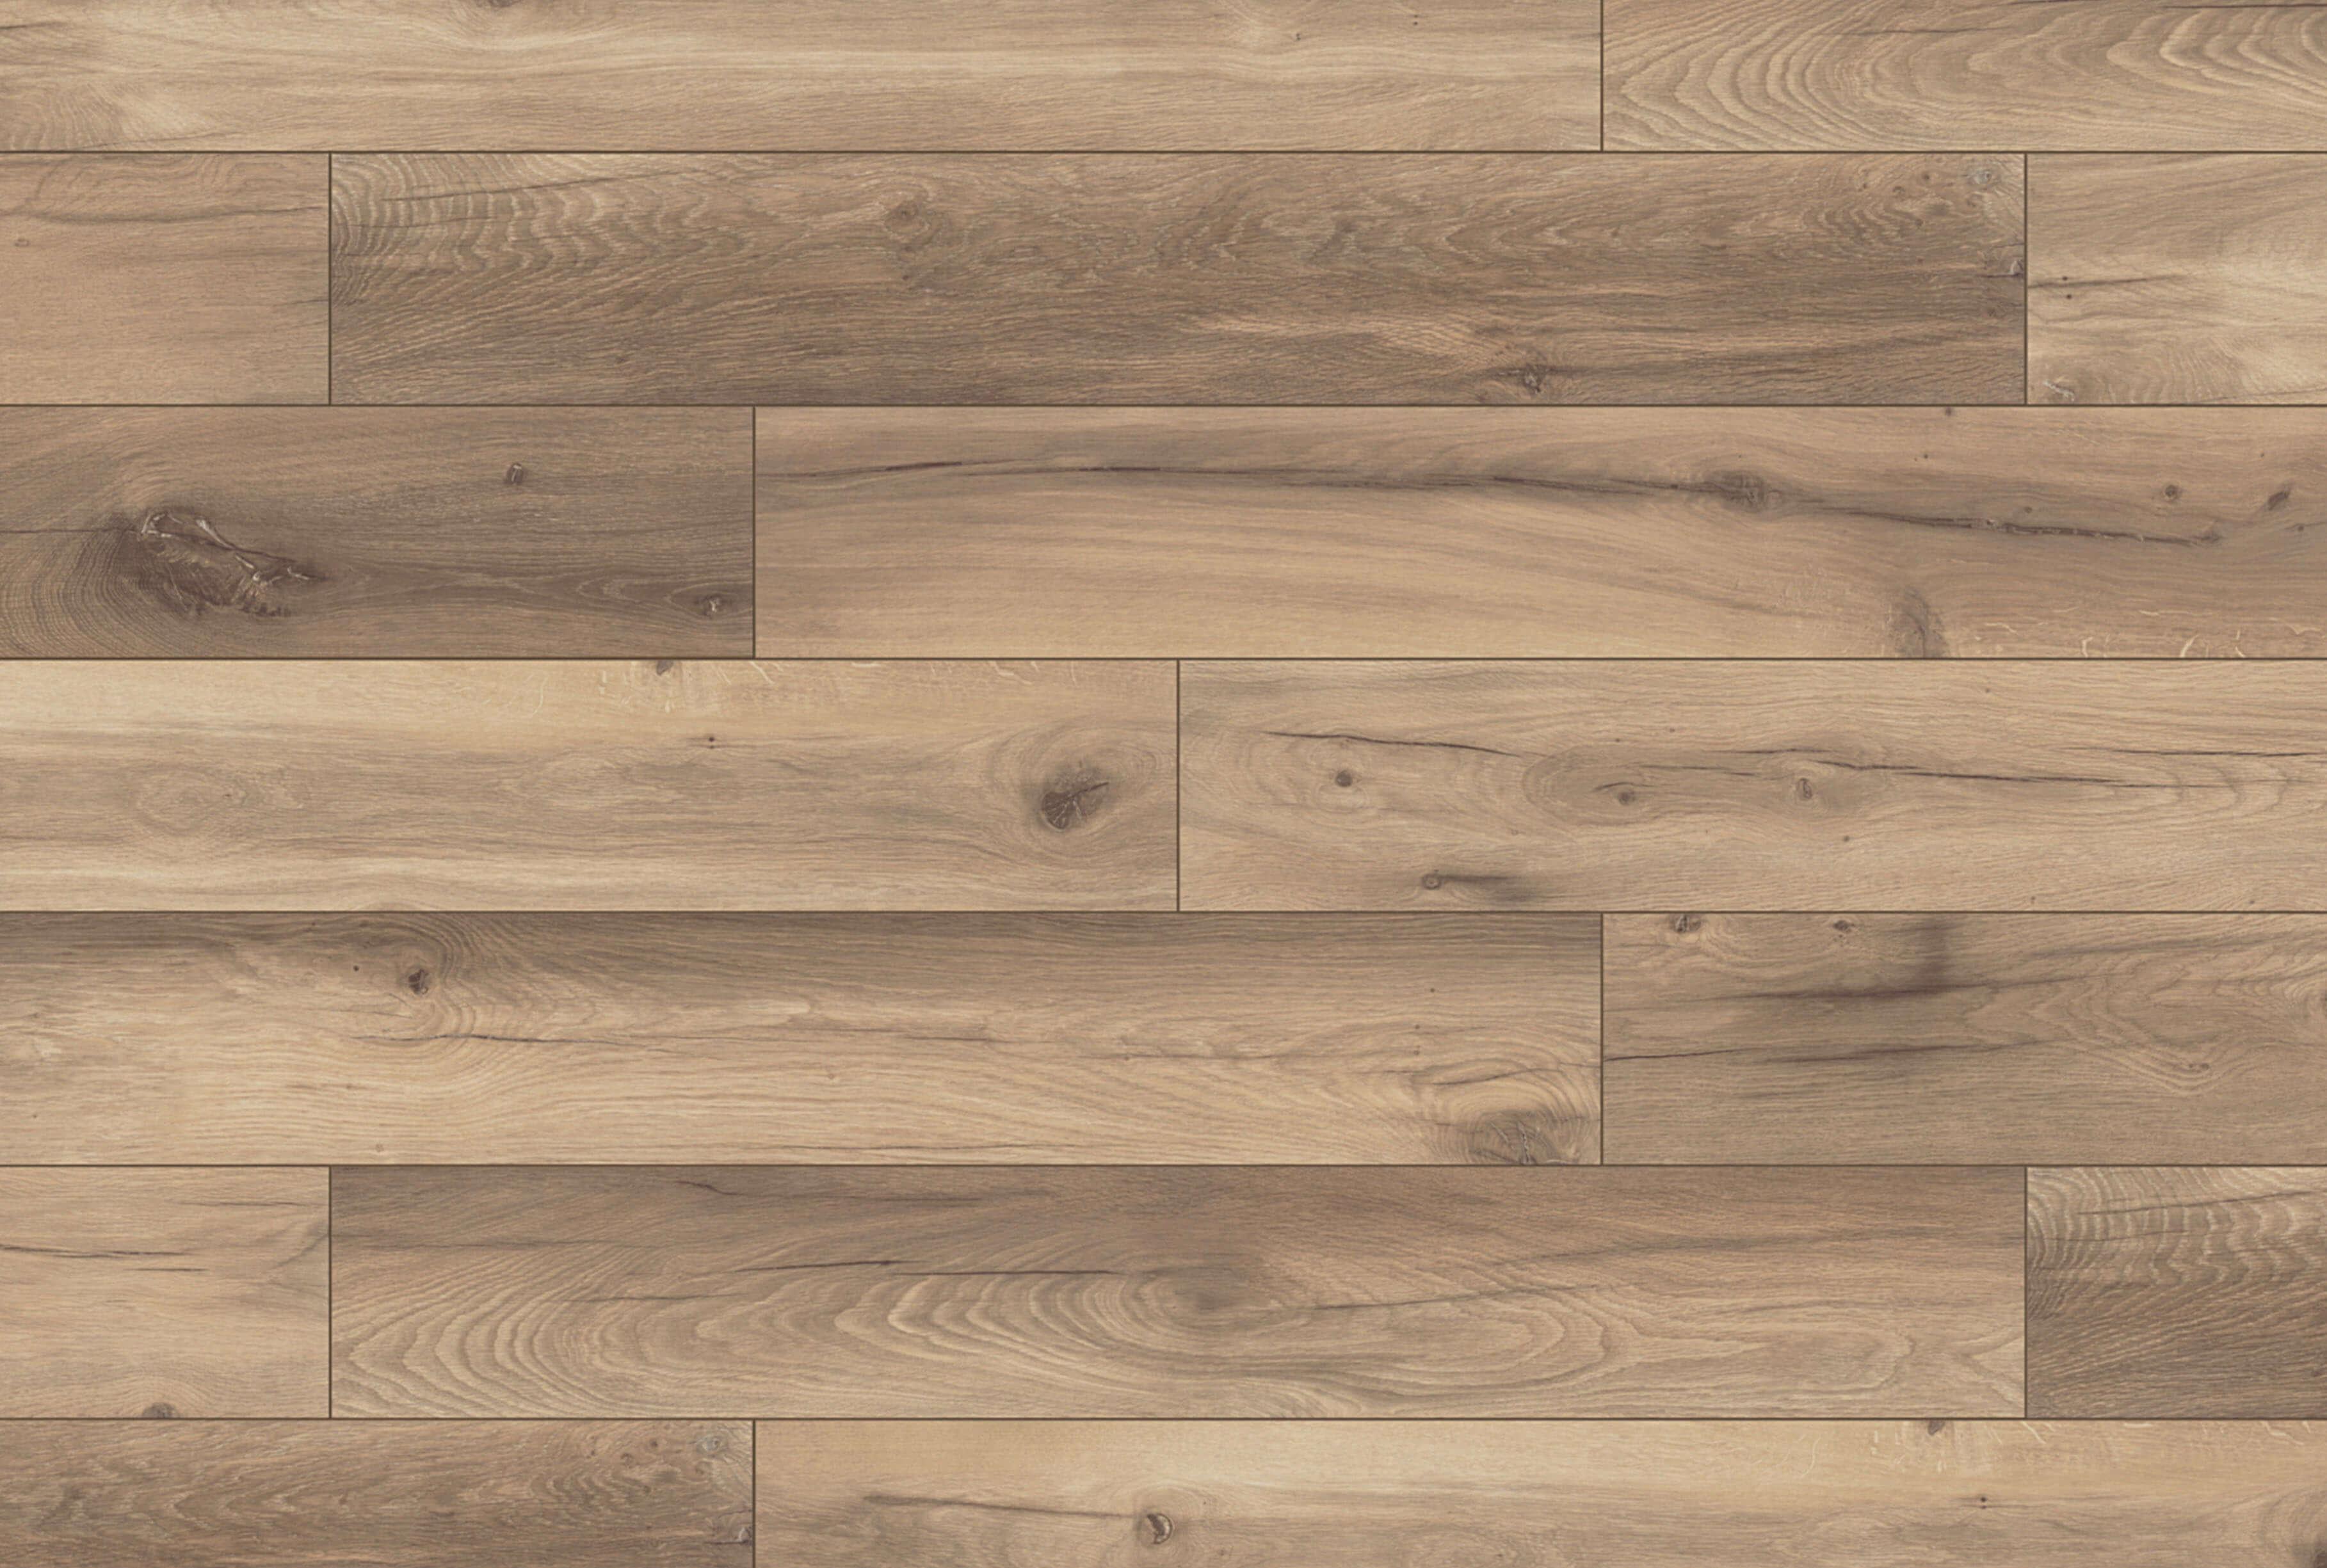 1538 · Toronto Oak<br>Formatgröße: B 192 mm x L 1285 mm<br>Struktur: Nature Line